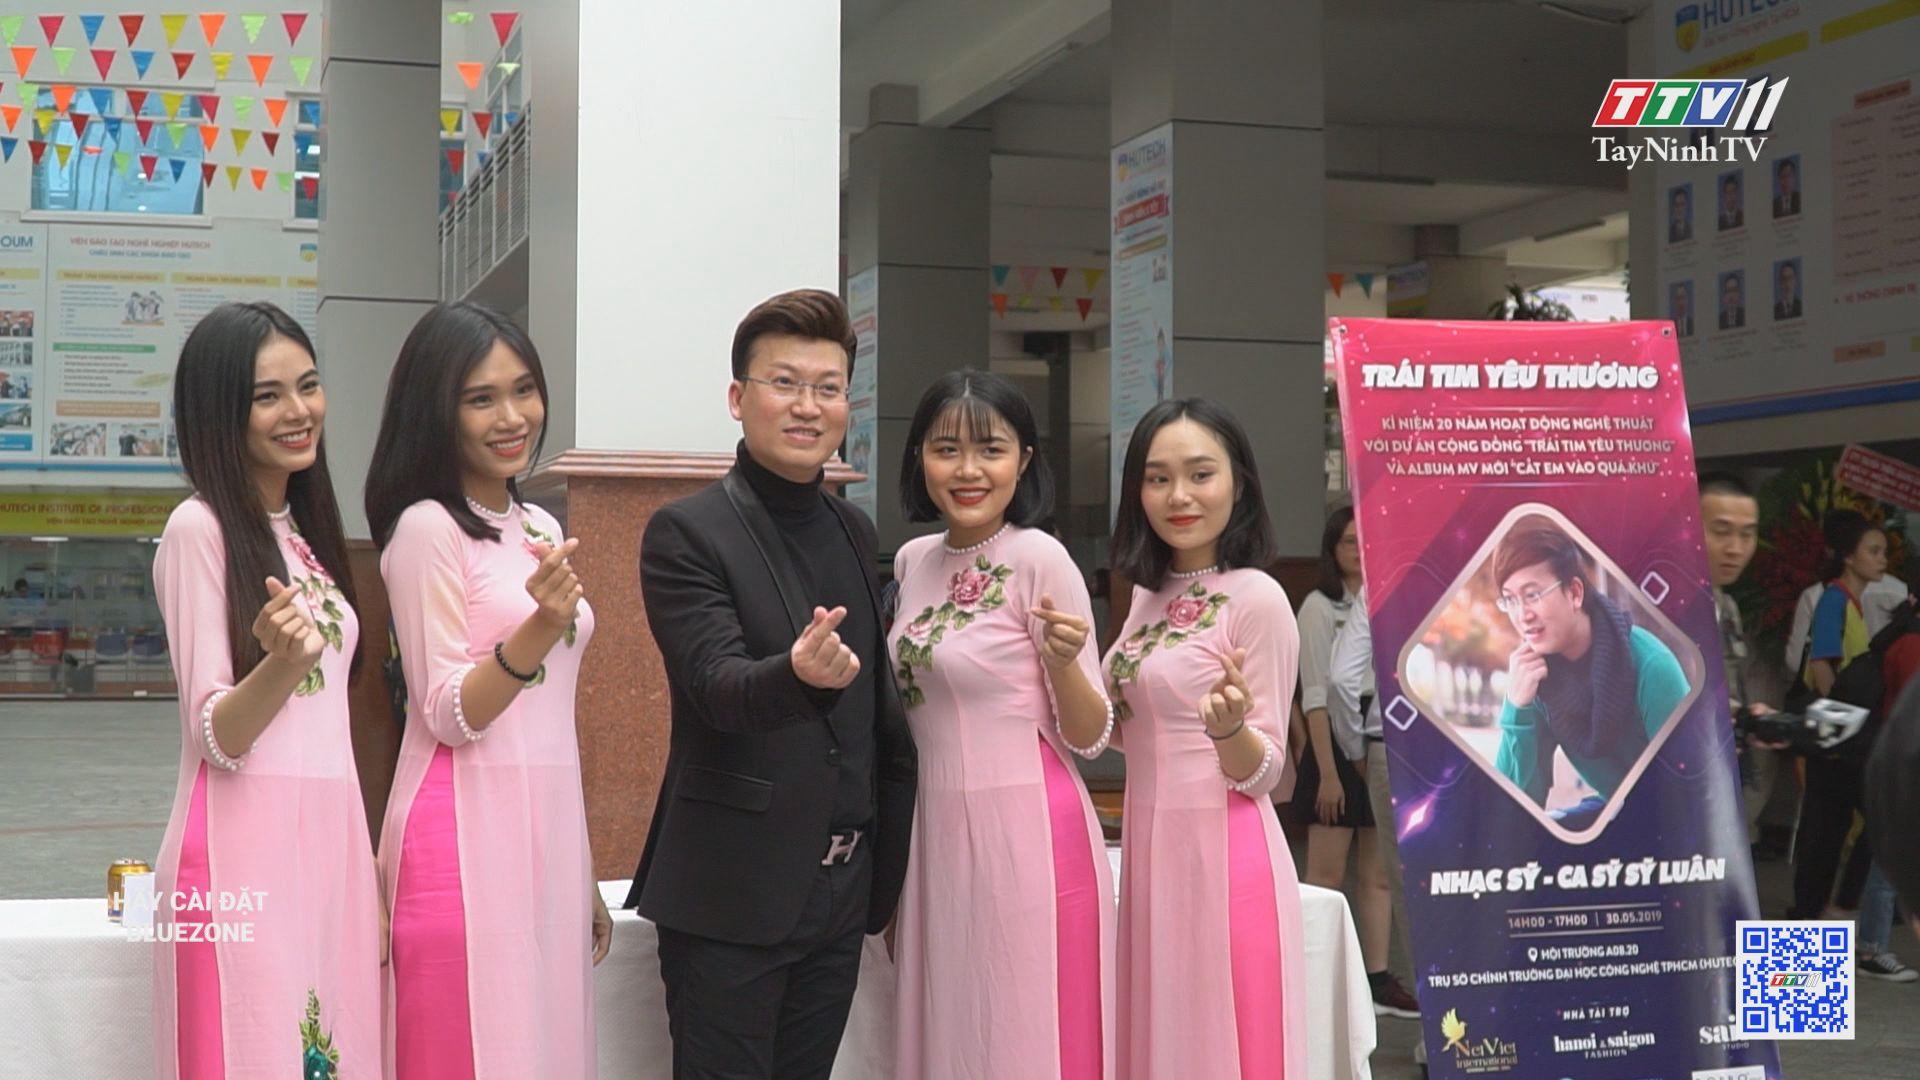 Tập 11_Nhạc sĩ Sỹ Luân xem biến cố là may mắn hạnh phúc khi được làm cha | HẠNH PHÚC Ở ĐÂU | TayNinhTV